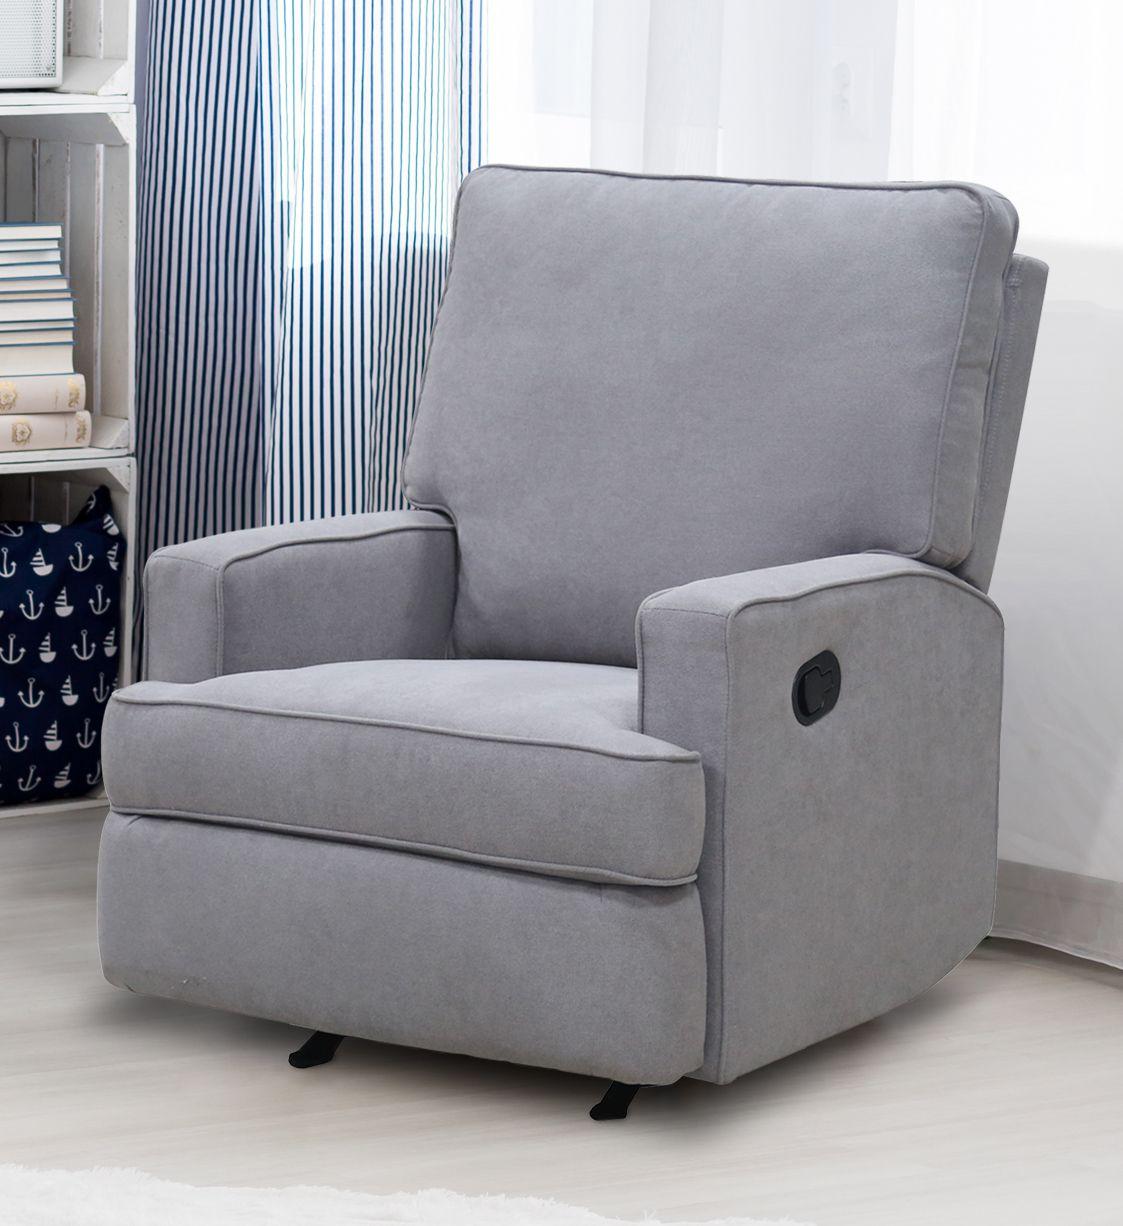 Baby In 2020 Recliner Chair Nursery Rocker Recliner Recliner